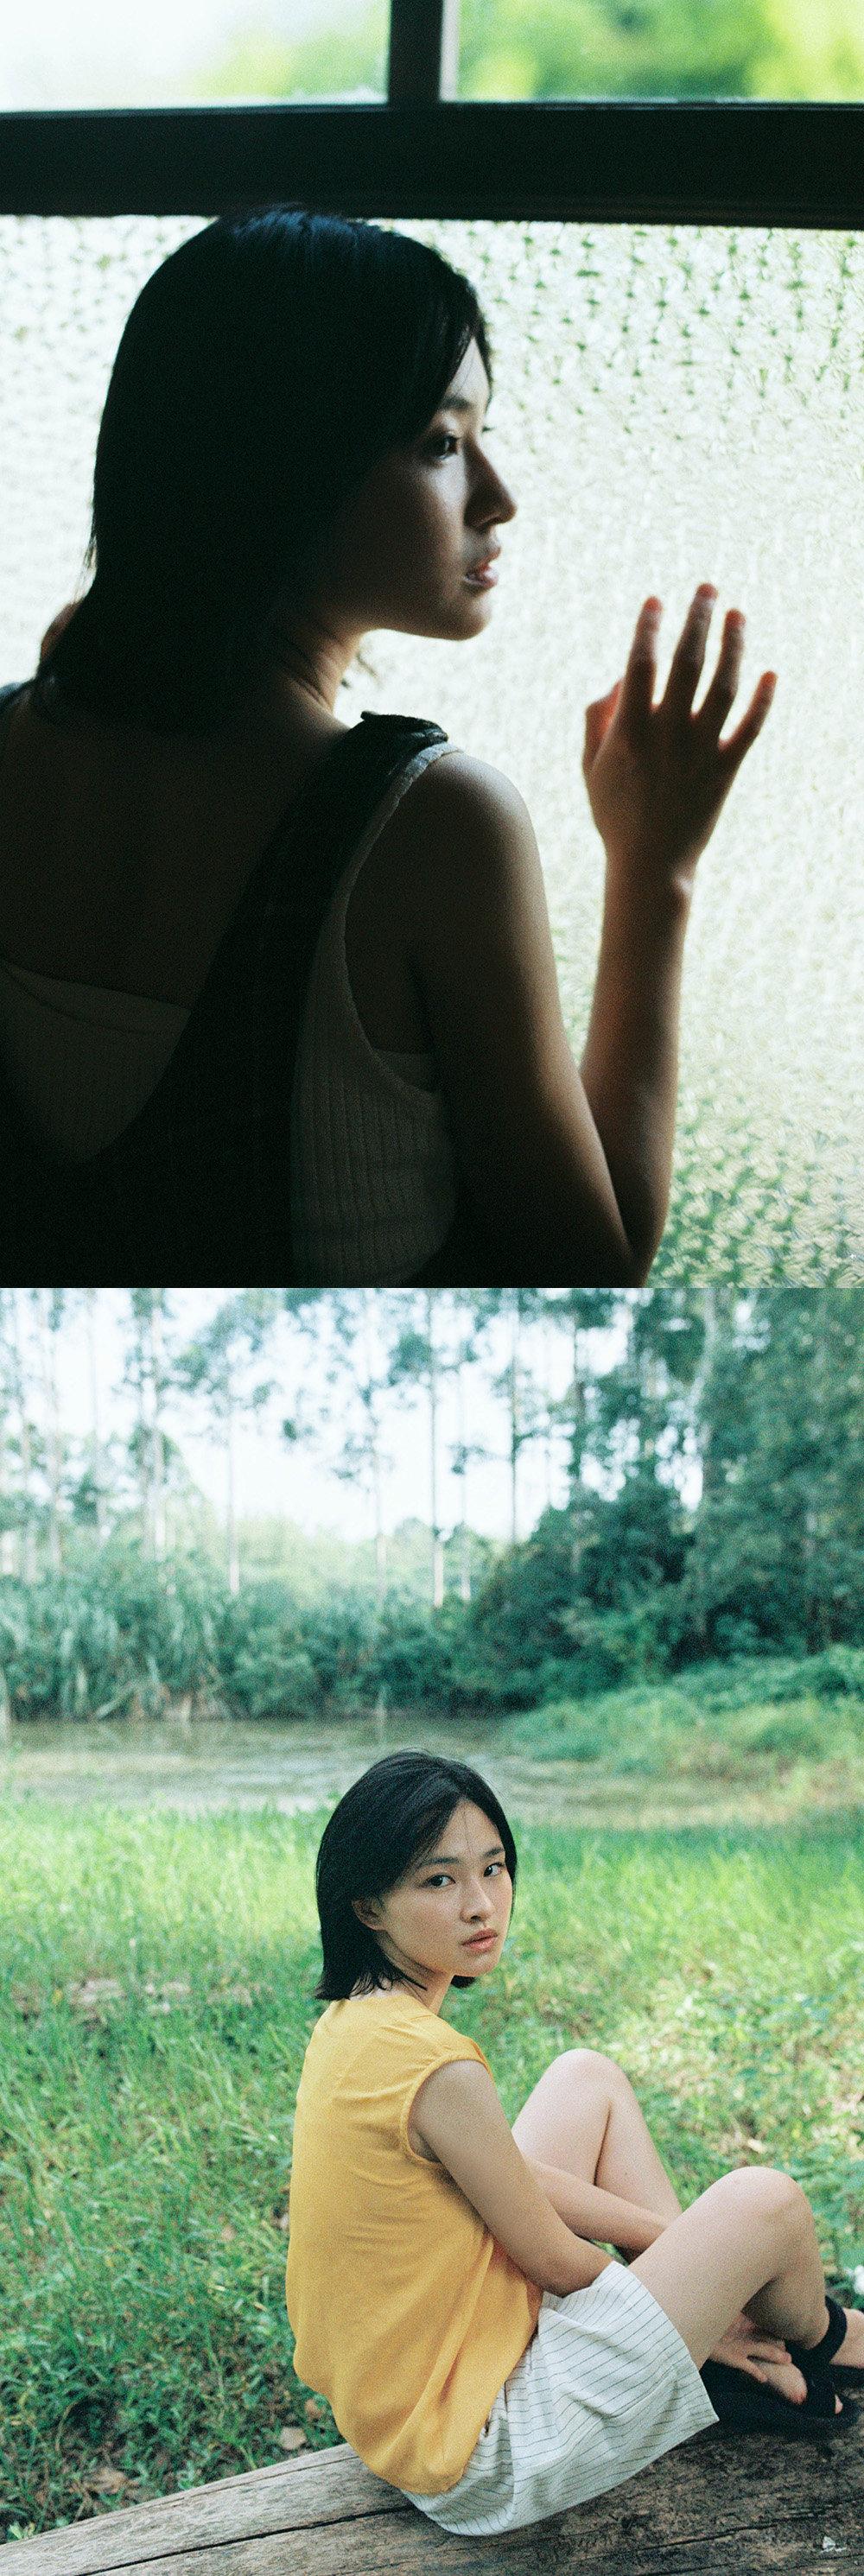 summer salt 摄影@西西弗斯要逃亡 出镜@柚木中也